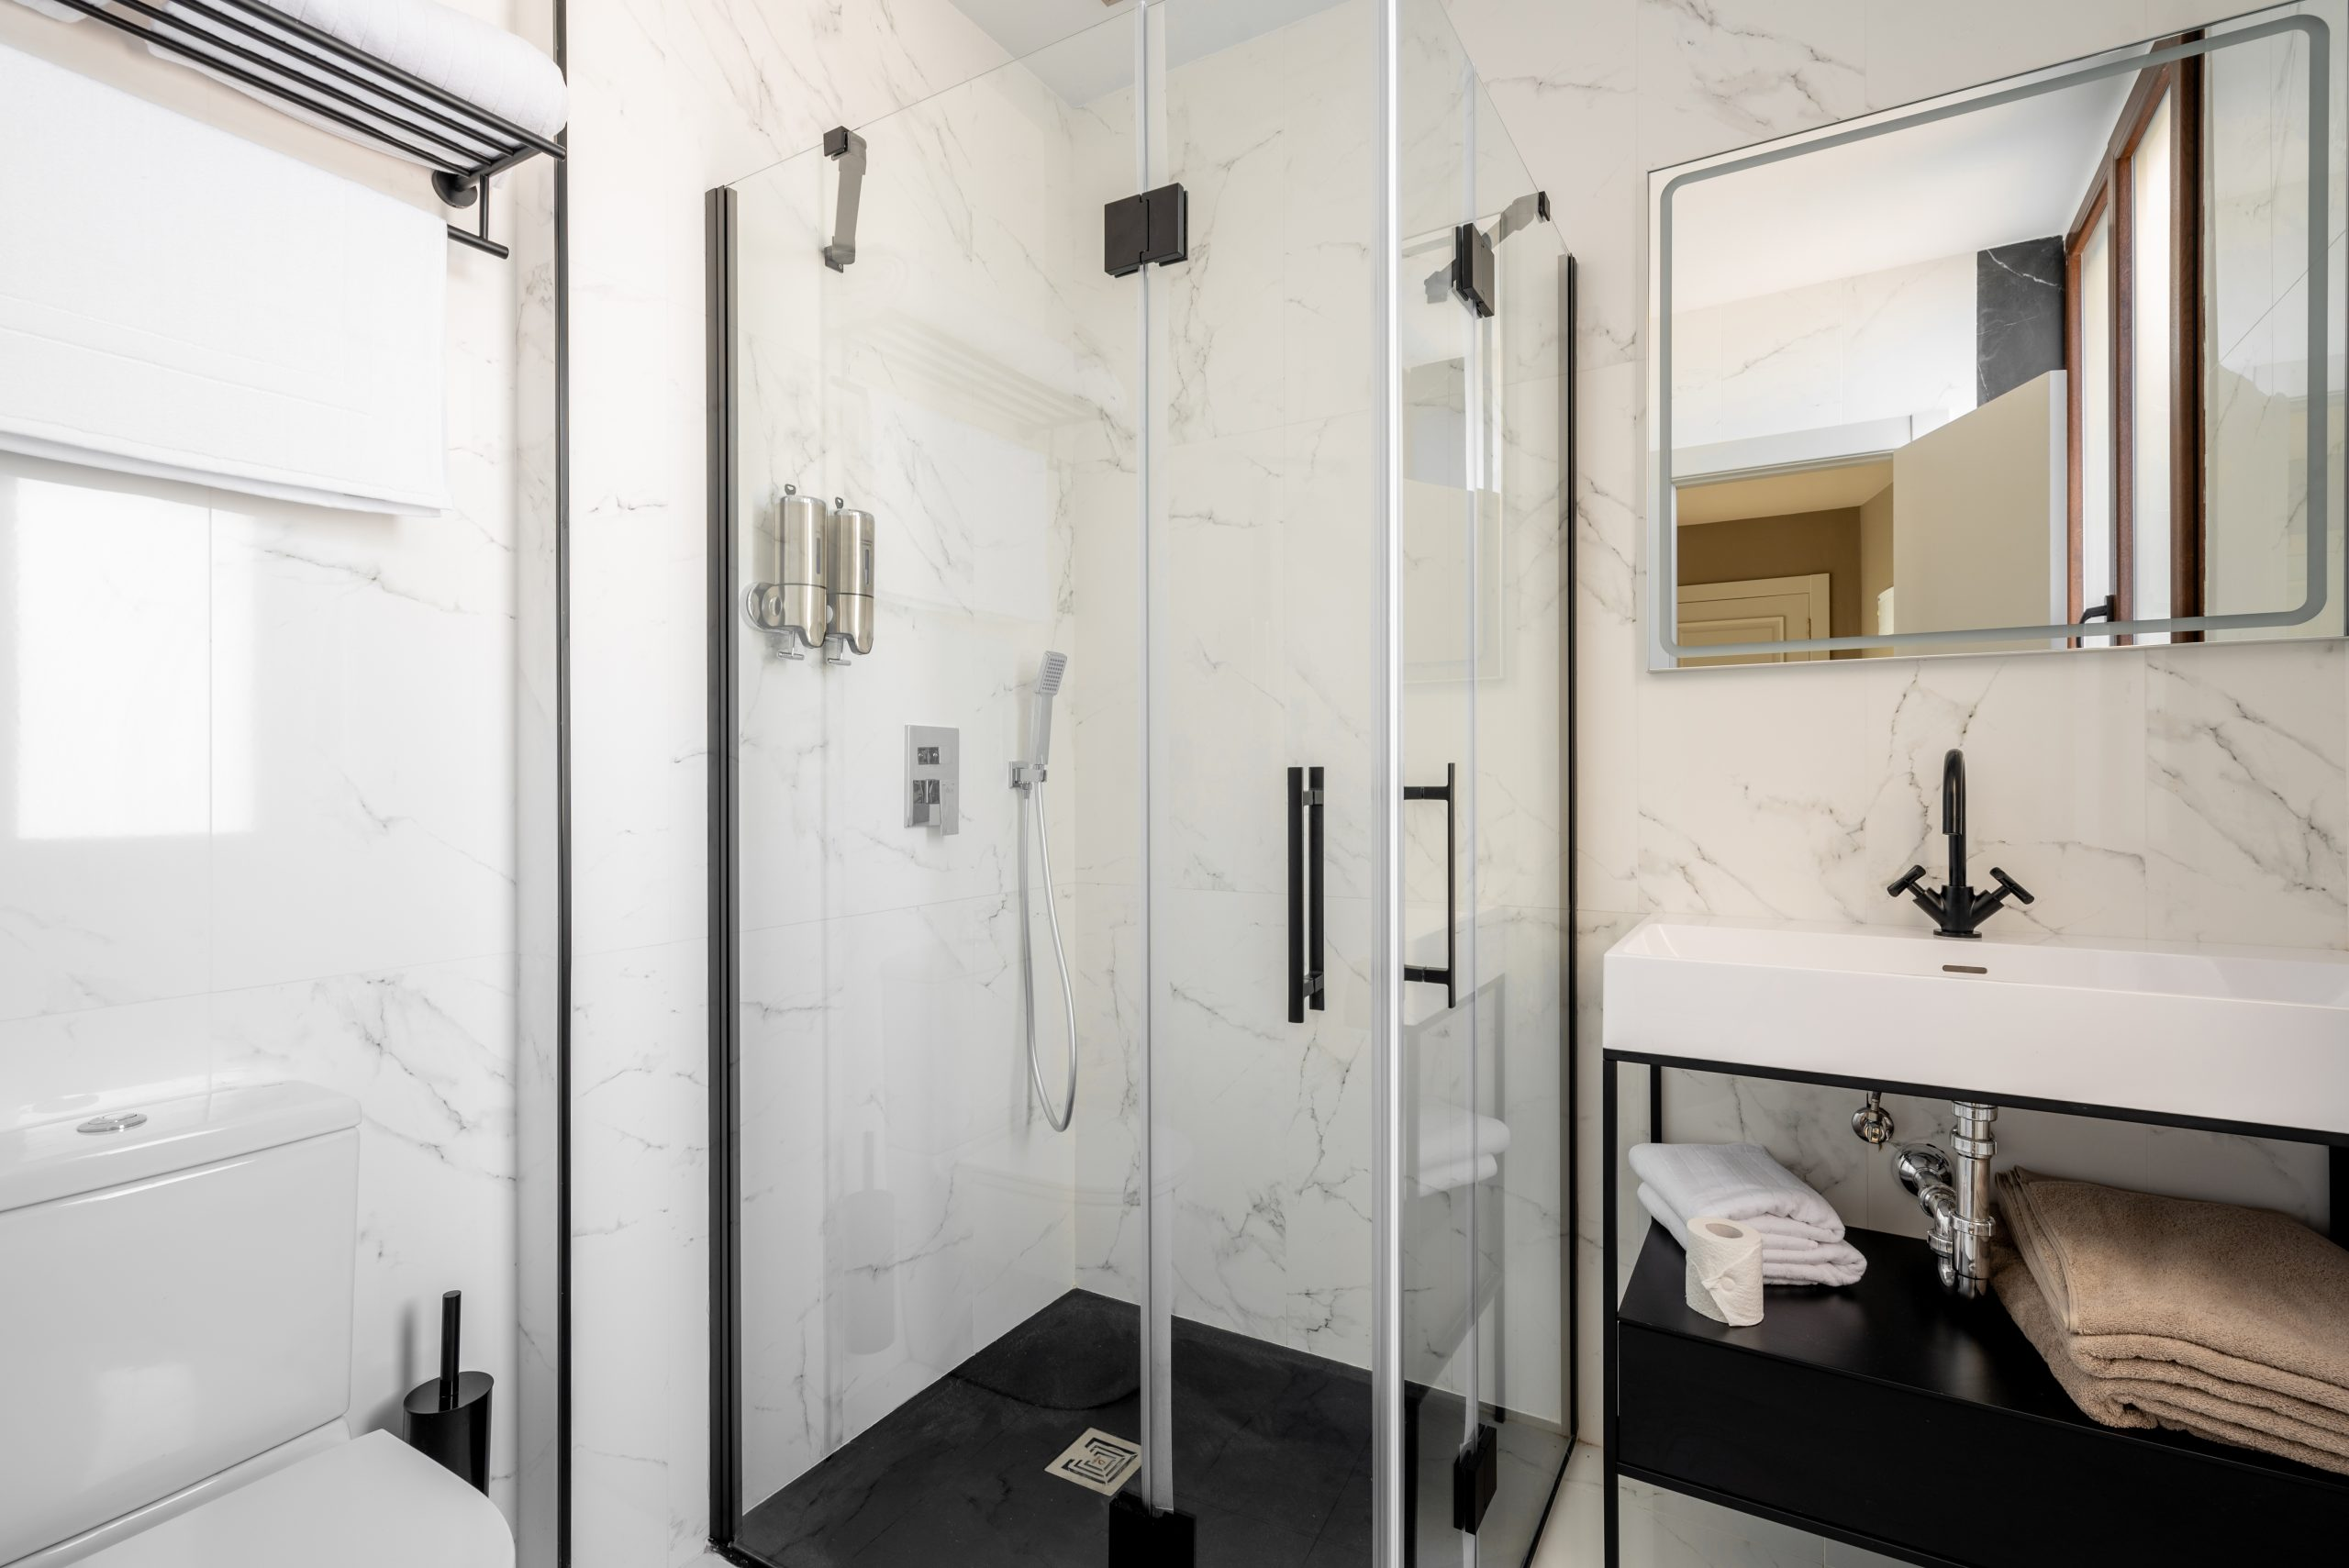 Apartamento-Suite-Atico-61-Oviedo-1907-03